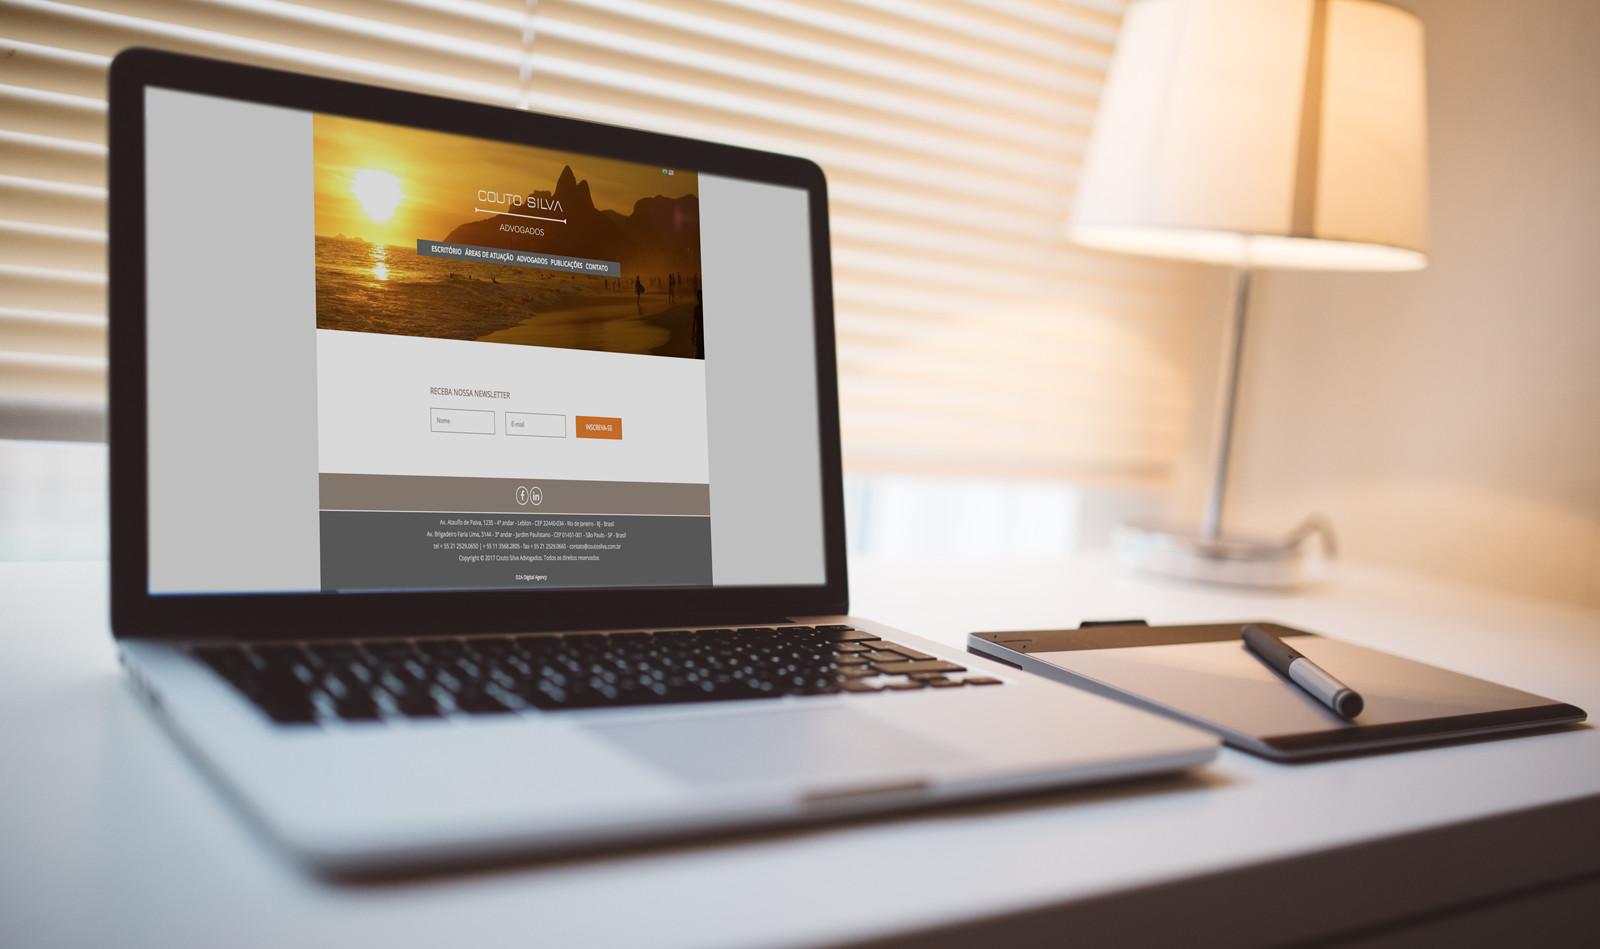 Couto Silva Advogados. Novo site institucional criado pela agência D2A Digital Agency.